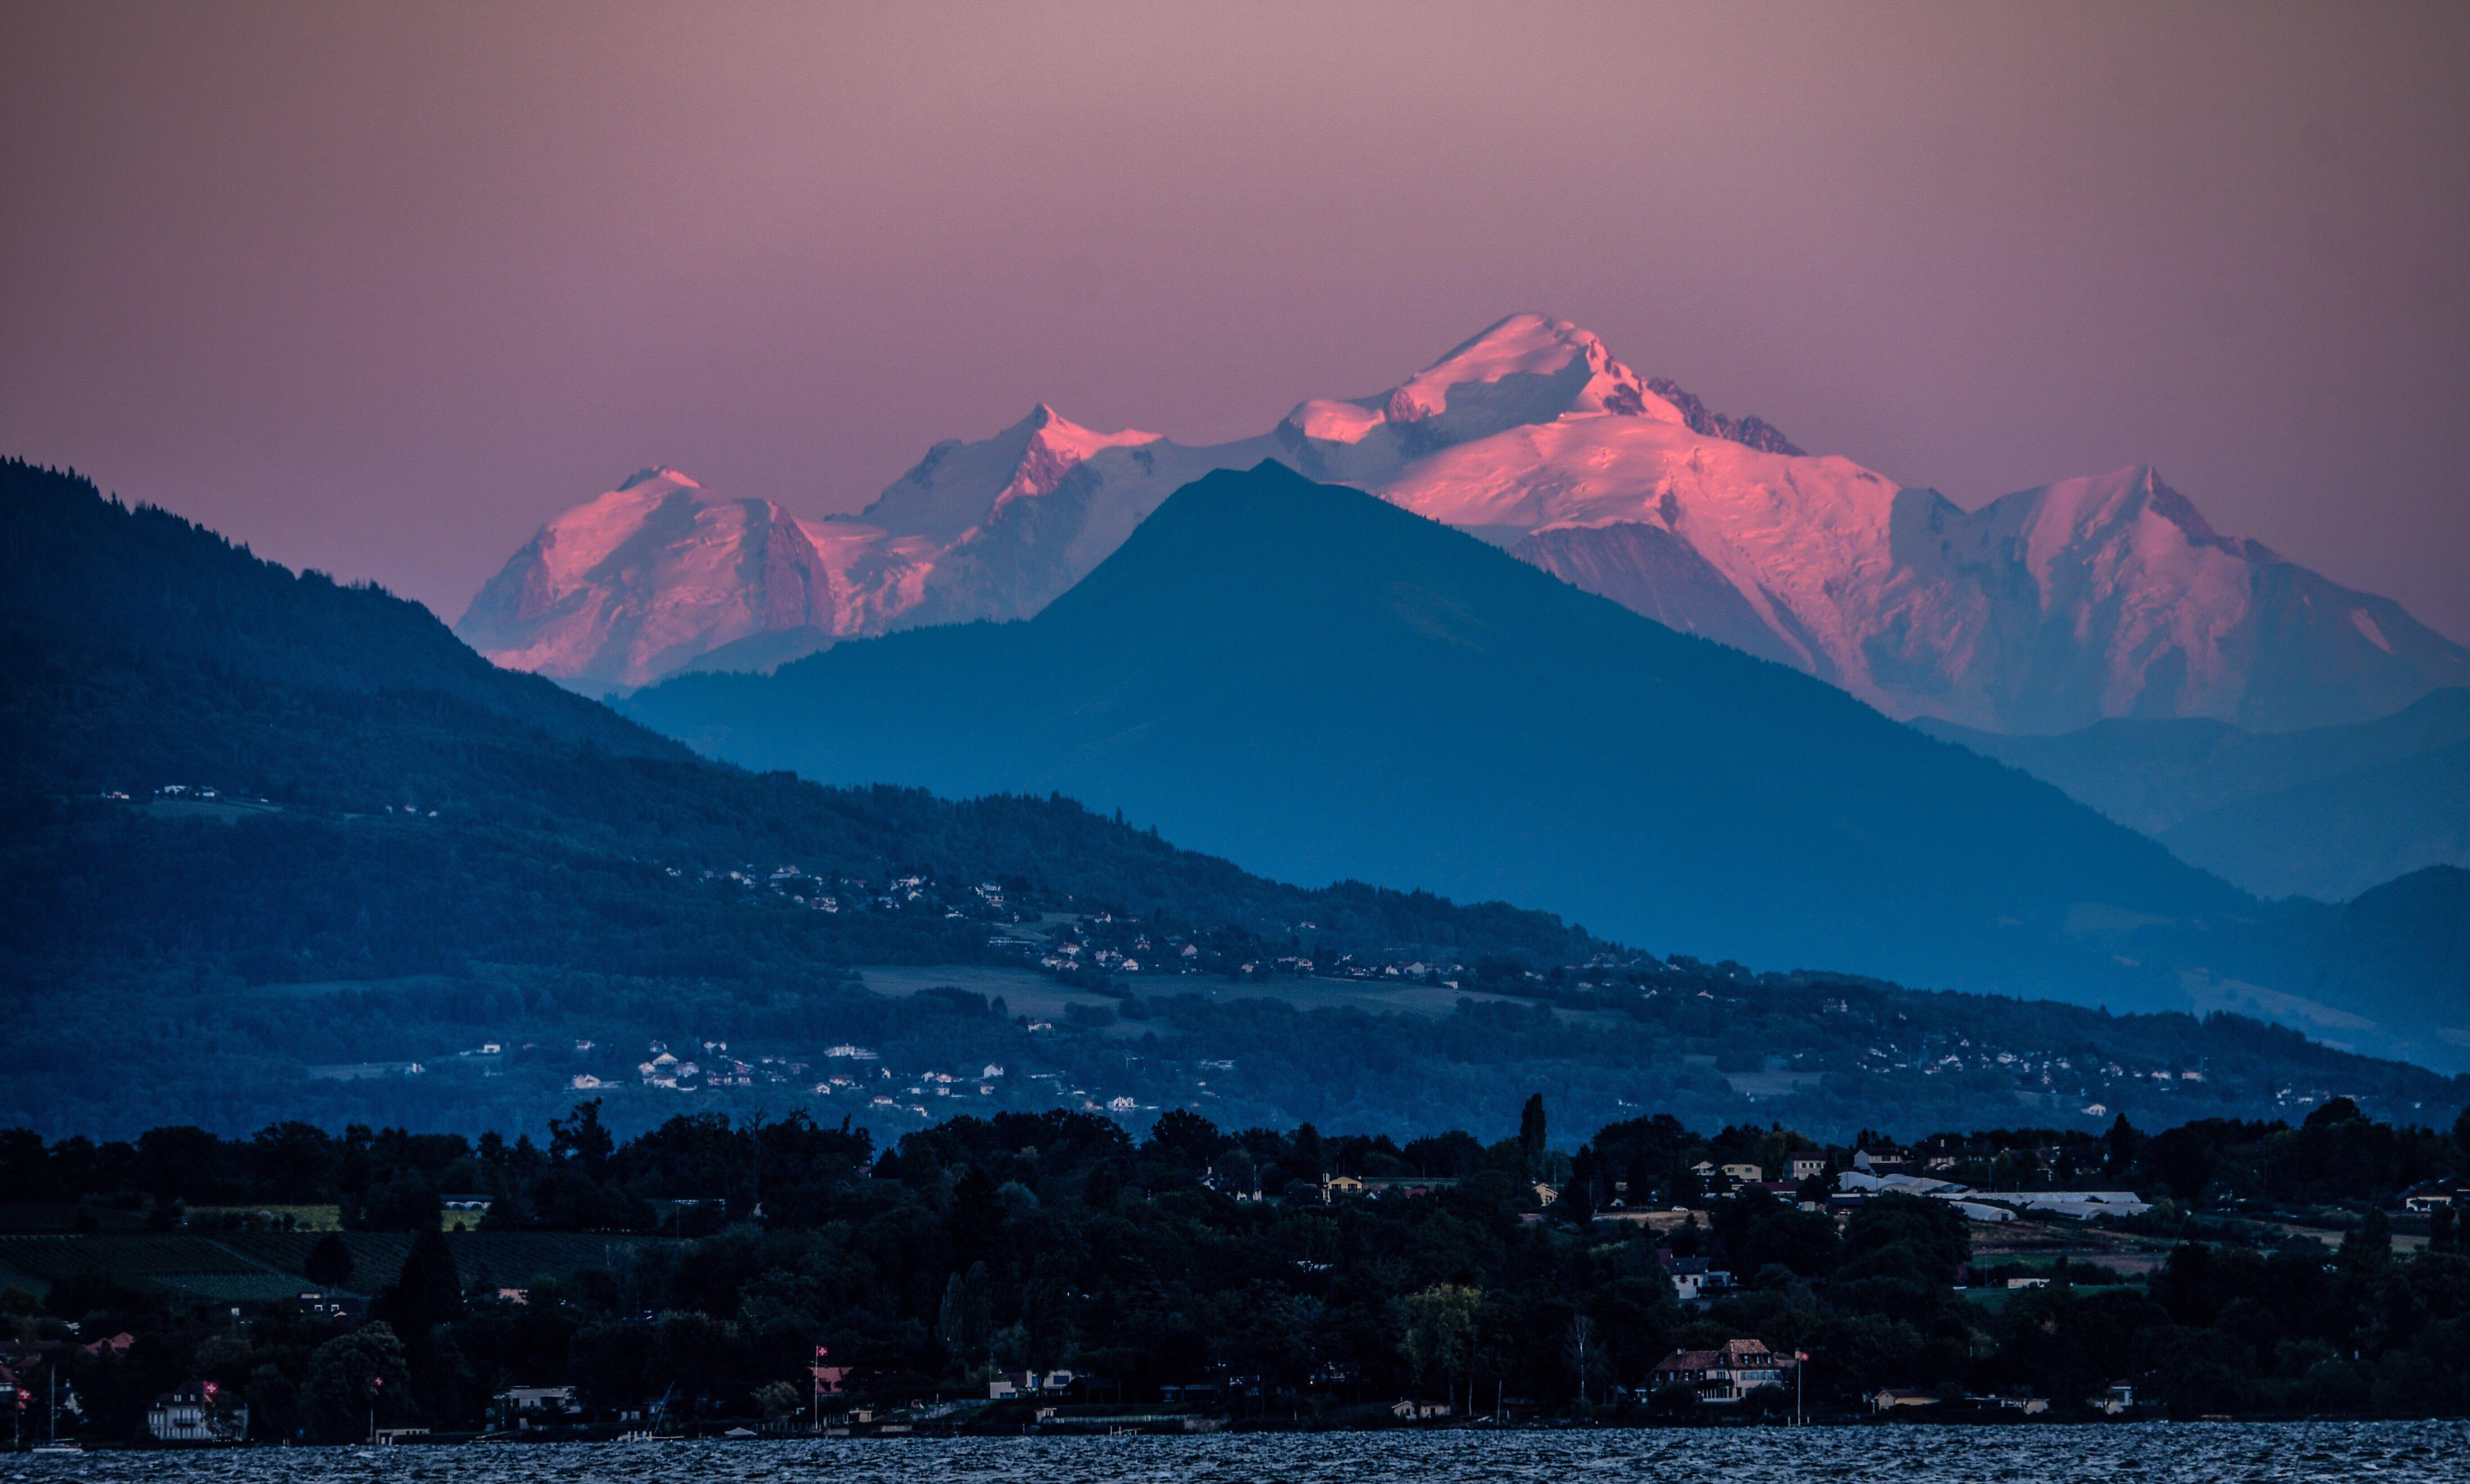 Mt. Blanc | Mountains Berge | Hiking